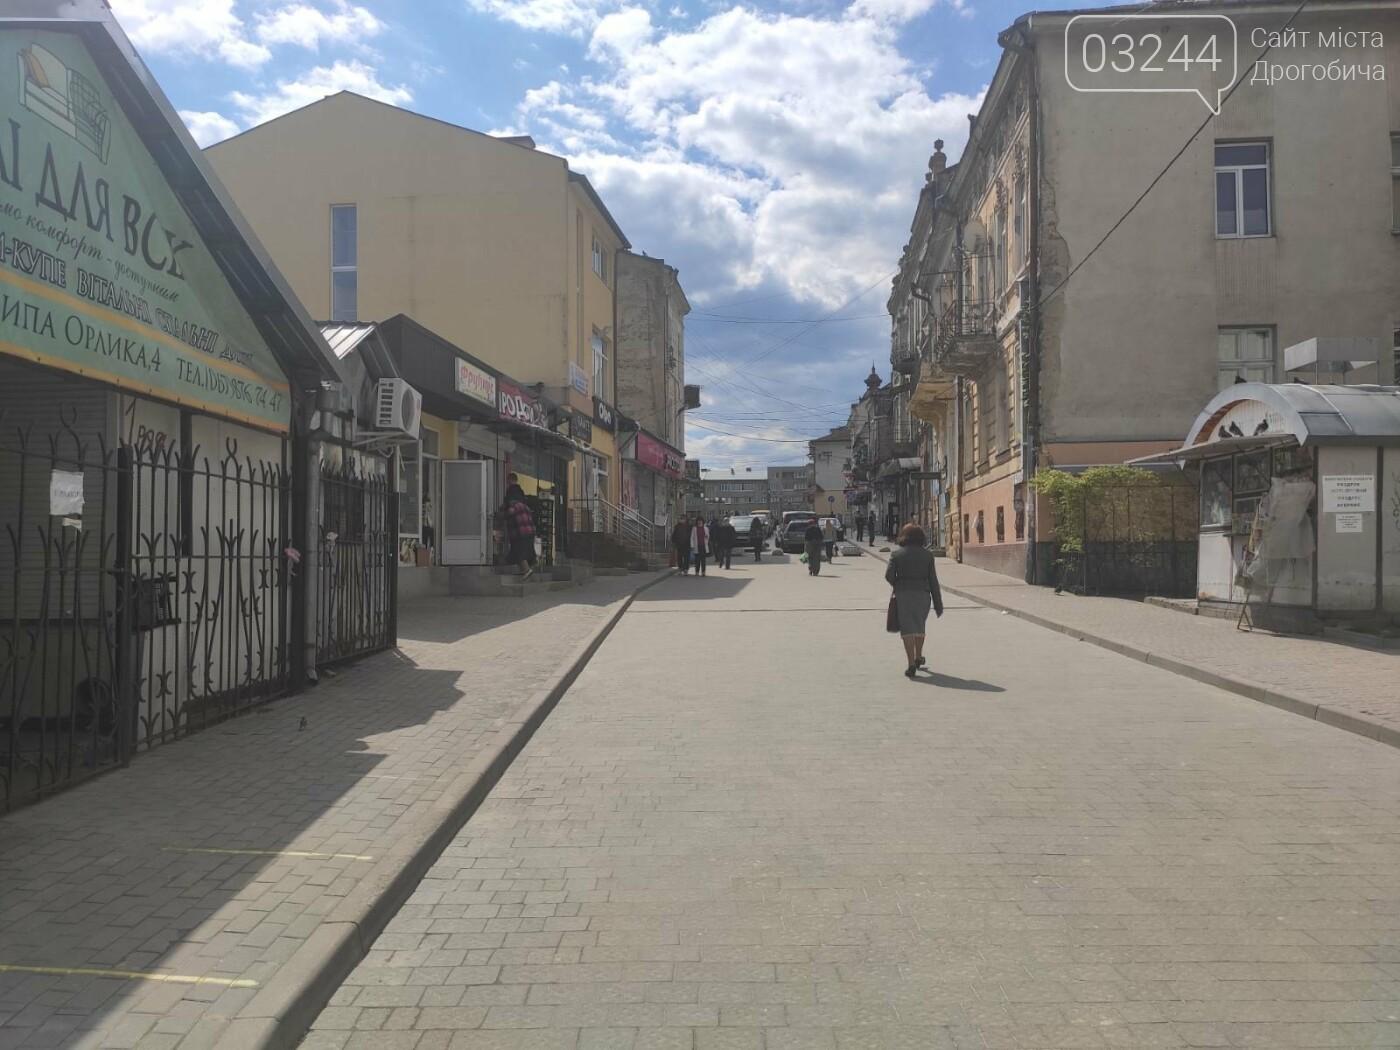 У Дрогобичі запрацював продуктовий ринок в центрі міста, -  ФОТОРЕПОРТАЖ, фото-12